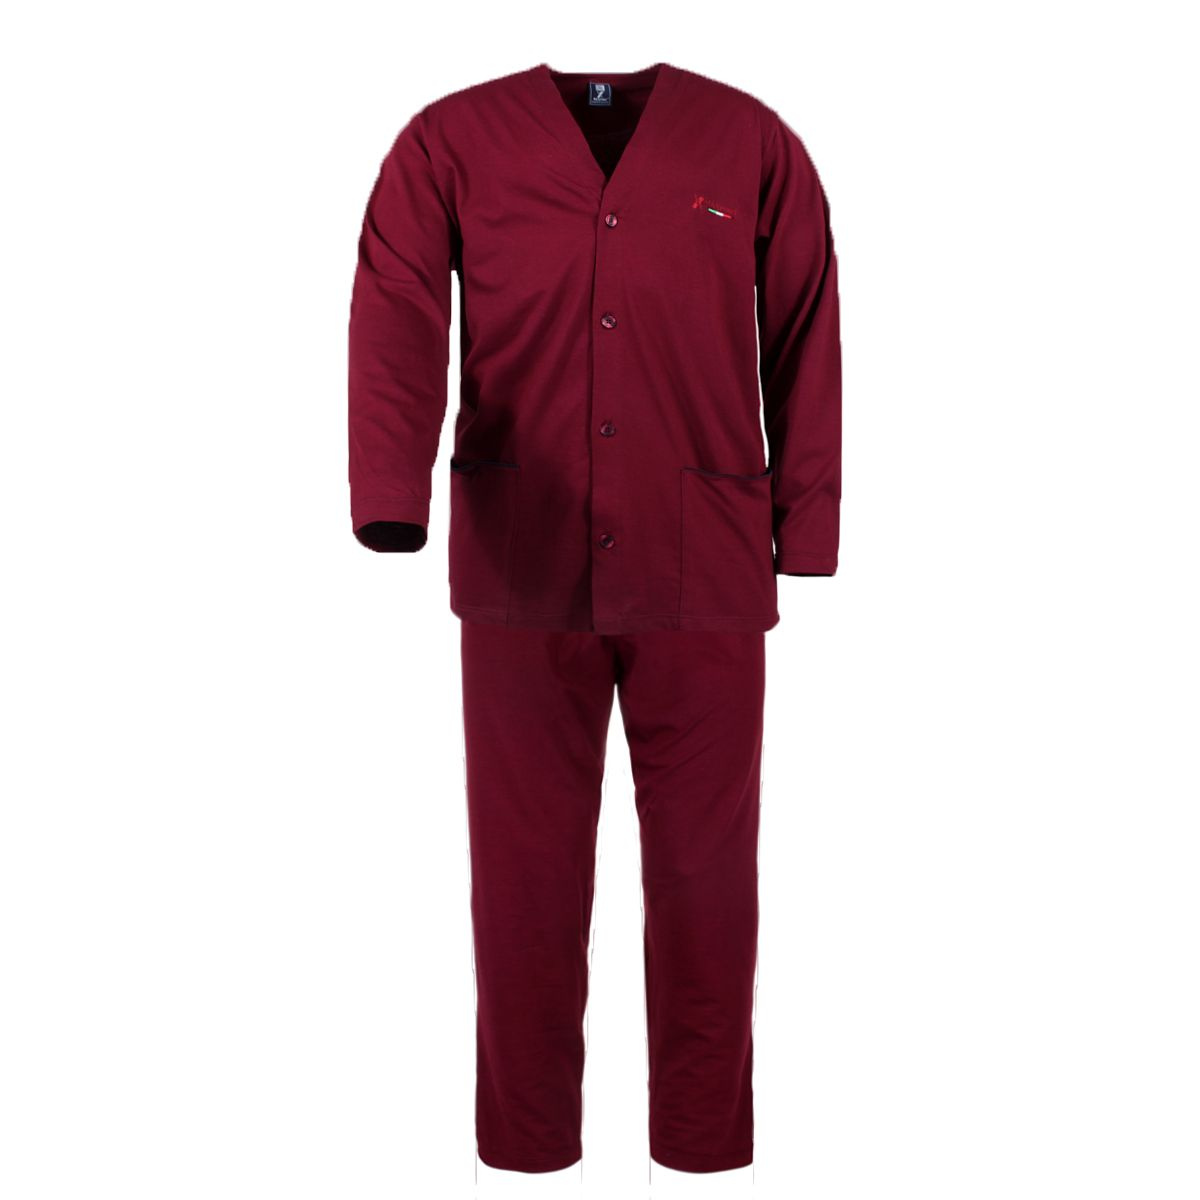 pyjama rouge boutons grande taille du 3xl au 10xl. Black Bedroom Furniture Sets. Home Design Ideas